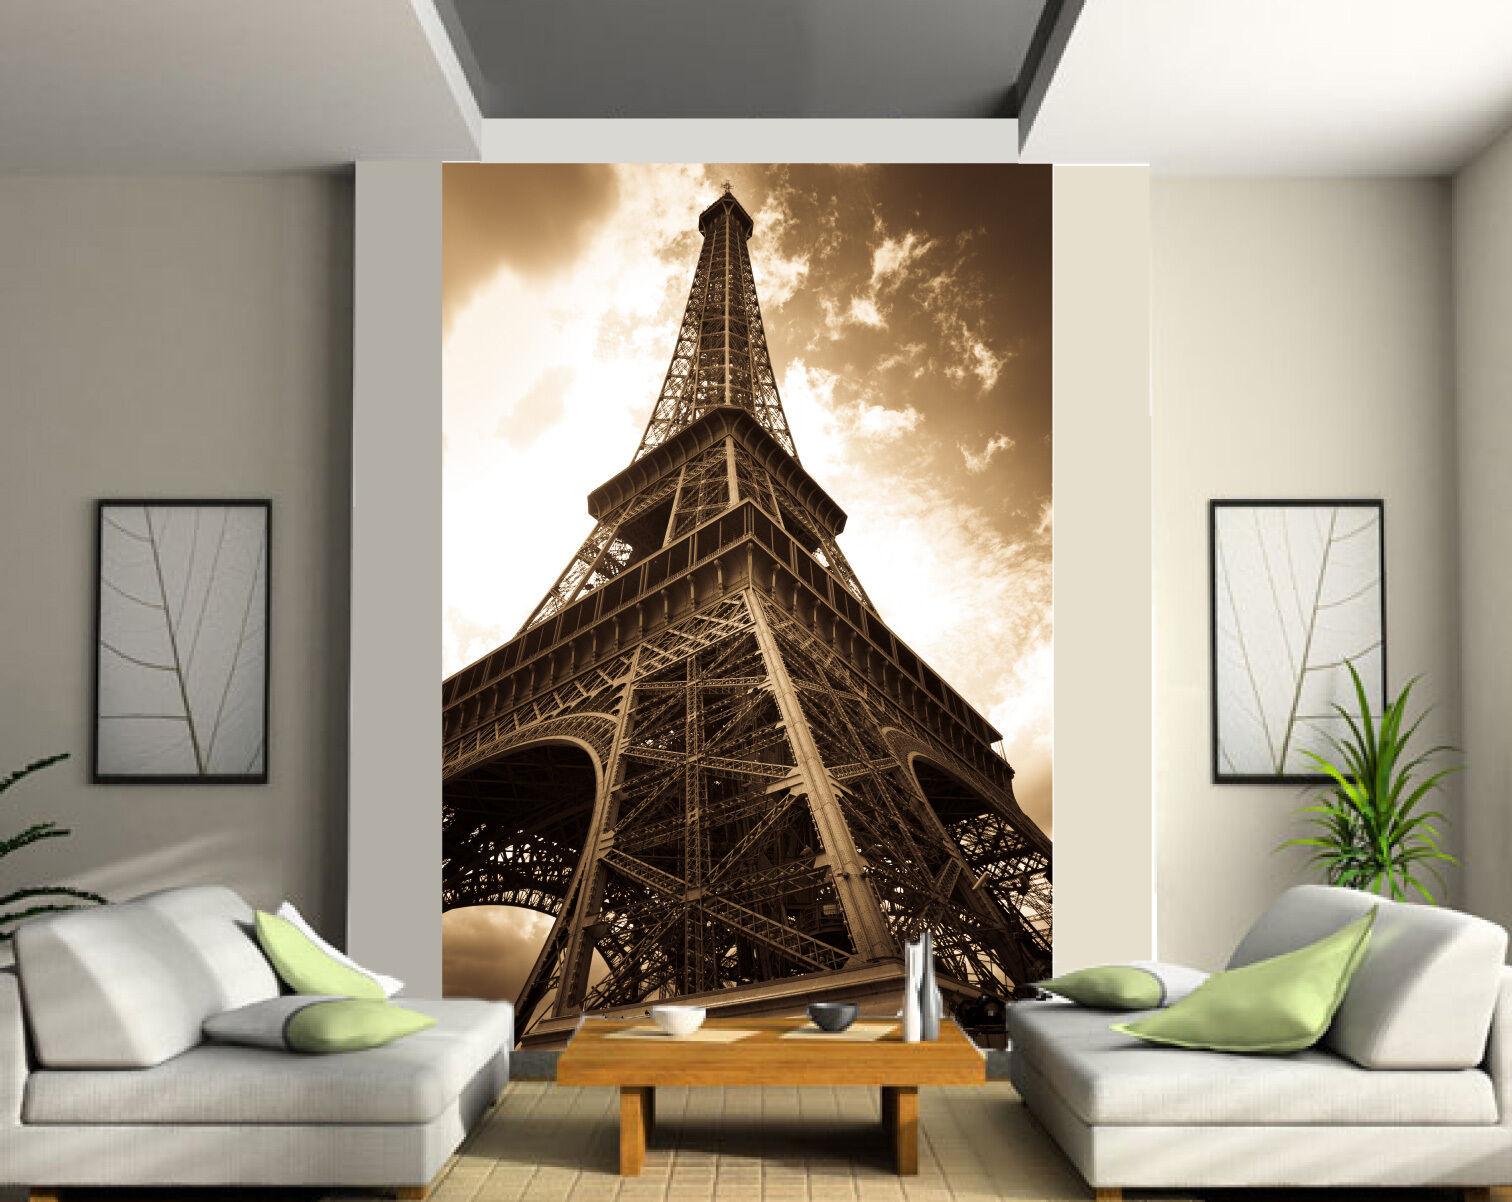 Papier peint géant 2 lés, tapisserie murale murale tapisserie déco Tour Eiffel Sépia réf 133 15ac61